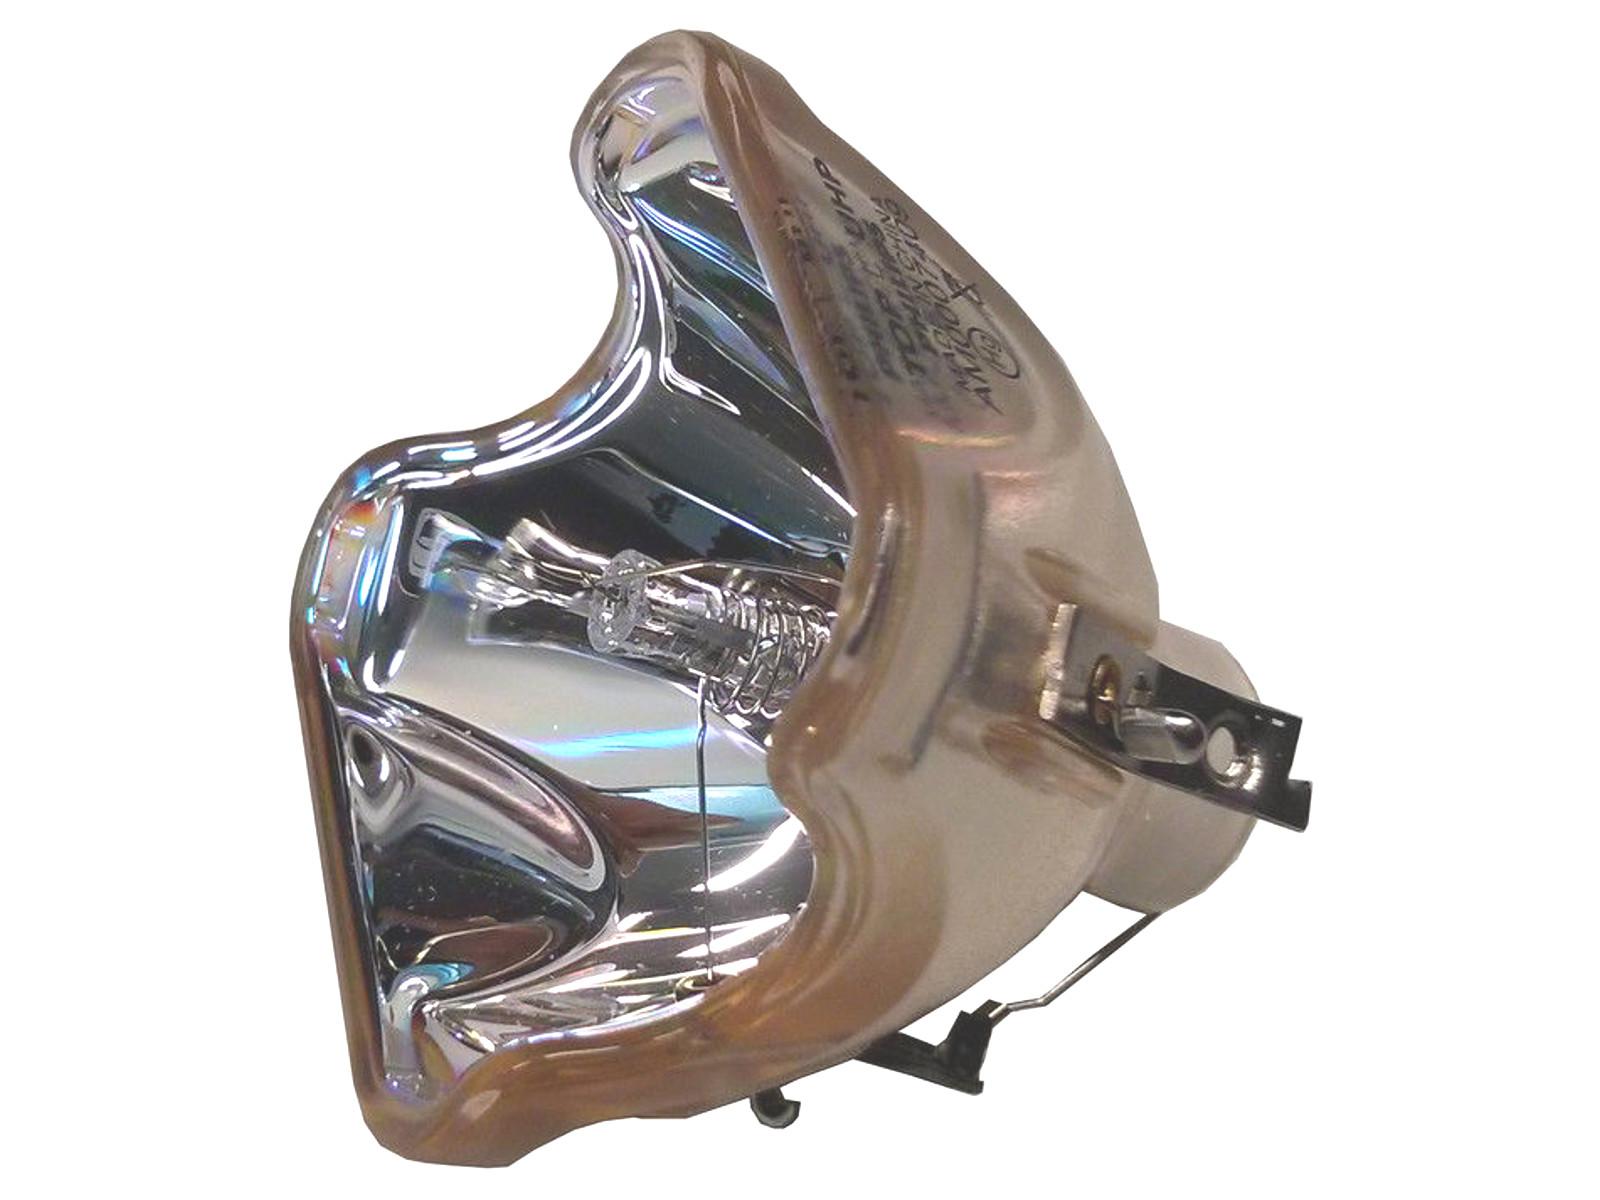 Lampa pro projektor LG AJ-LAF1, EAQ43069401 Lampa Philips